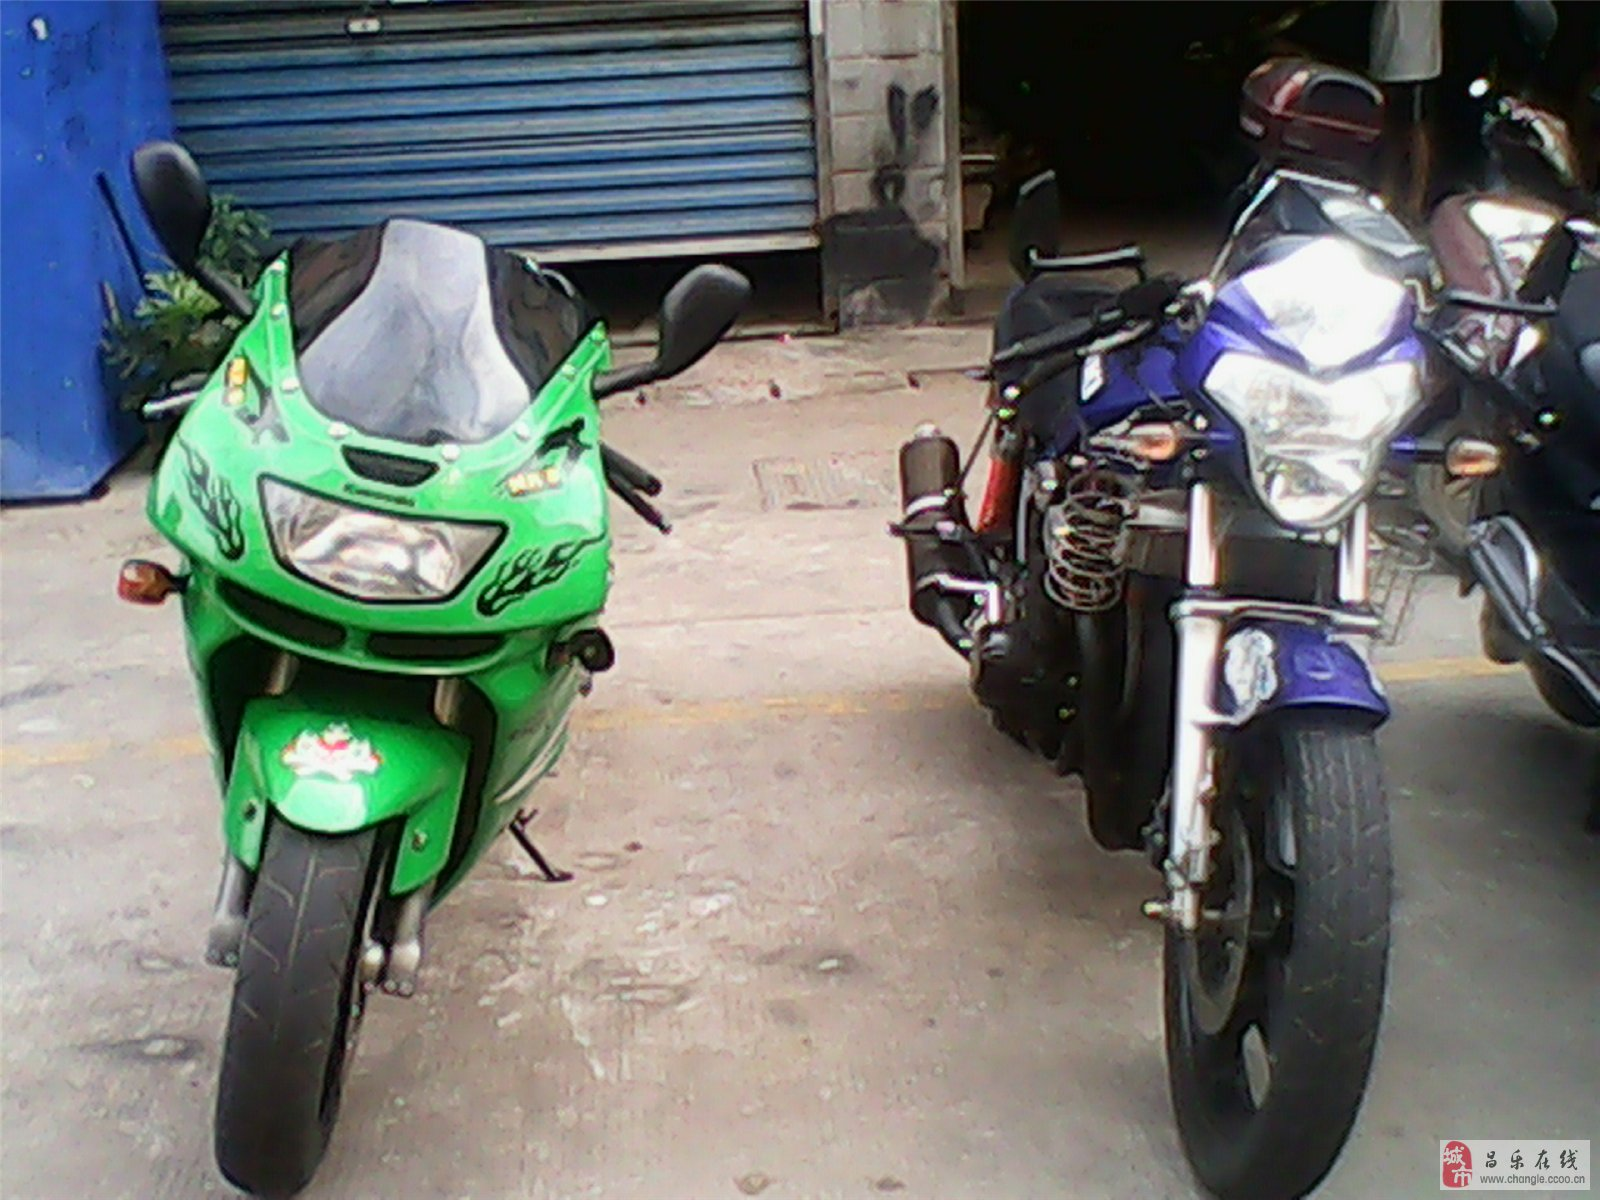 车/骑式摩托车有:雅马哈,福禧,巧格,凌鹰,迅鹰,豪爵,银豹,钻豹,钱江